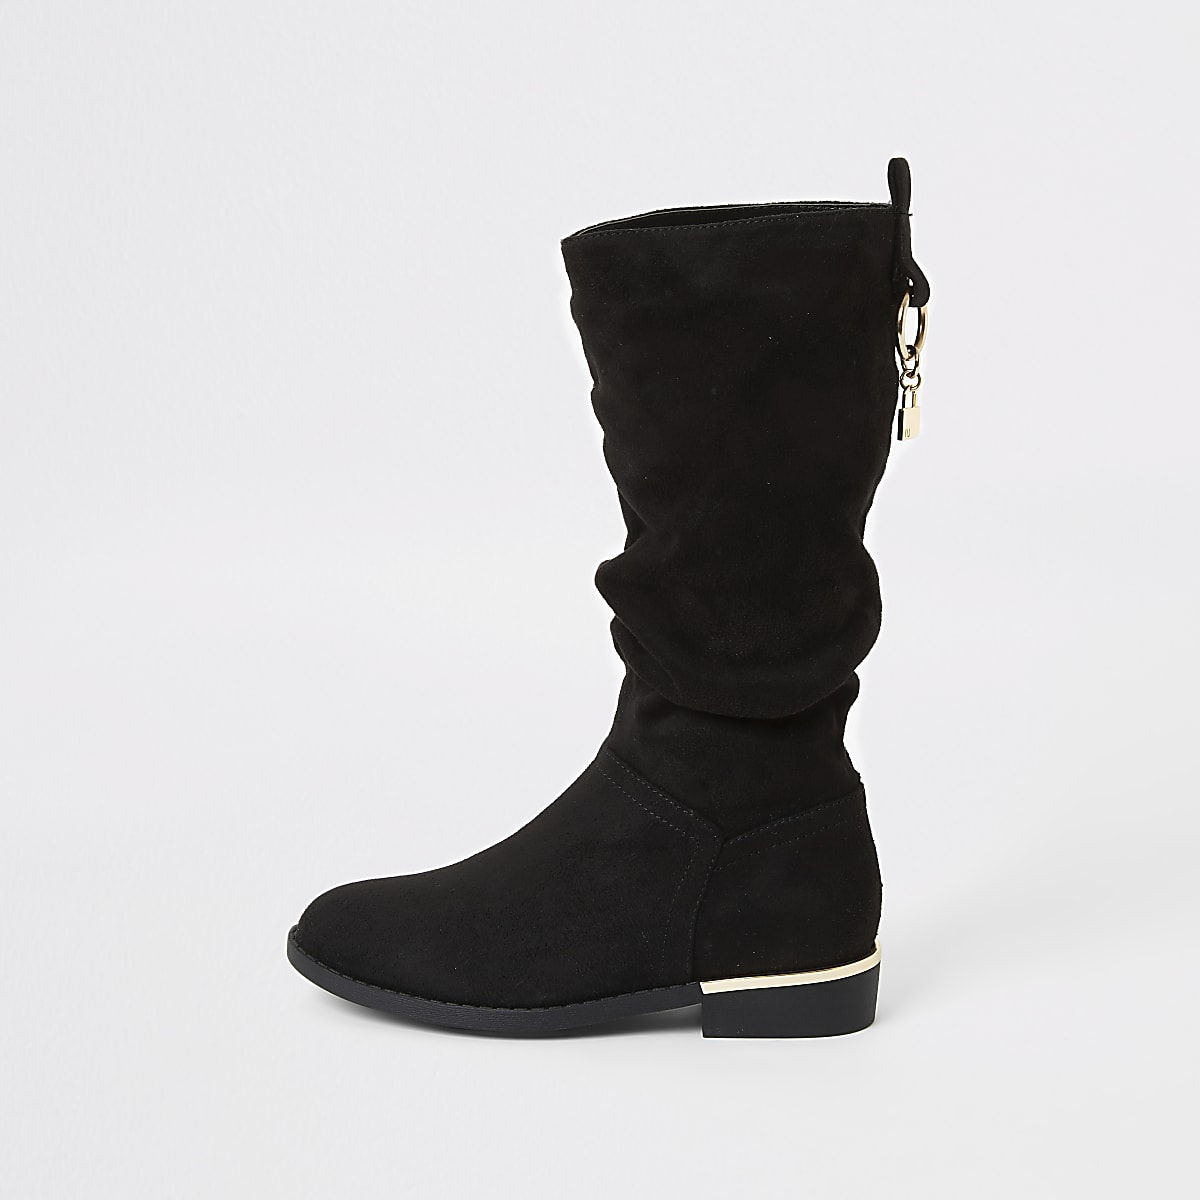 Zwarte losvallendekniehoge laarzen voor meisjes